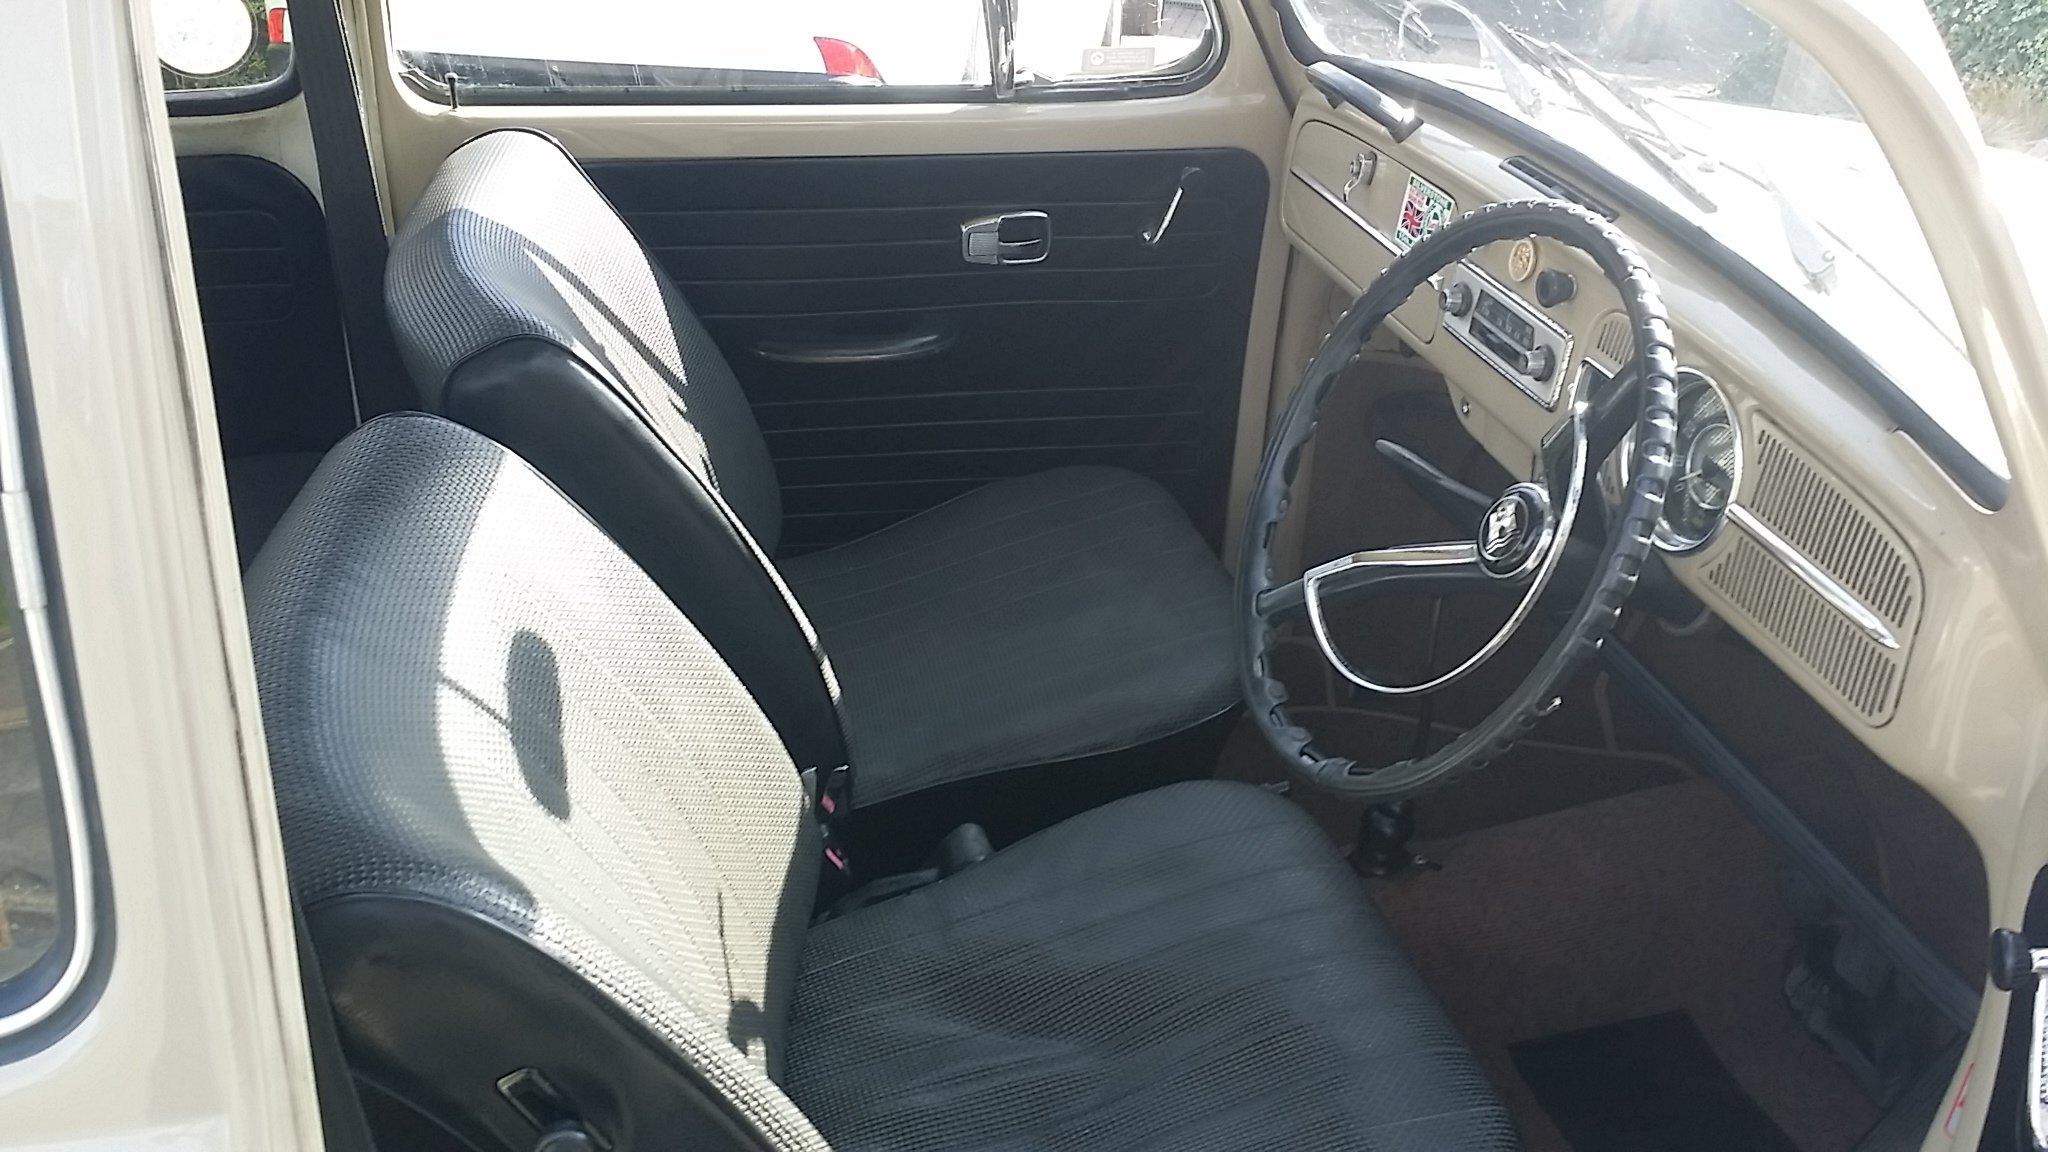 1967 Volkswagen beetle 1500 rhd For Sale (picture 6 of 6)